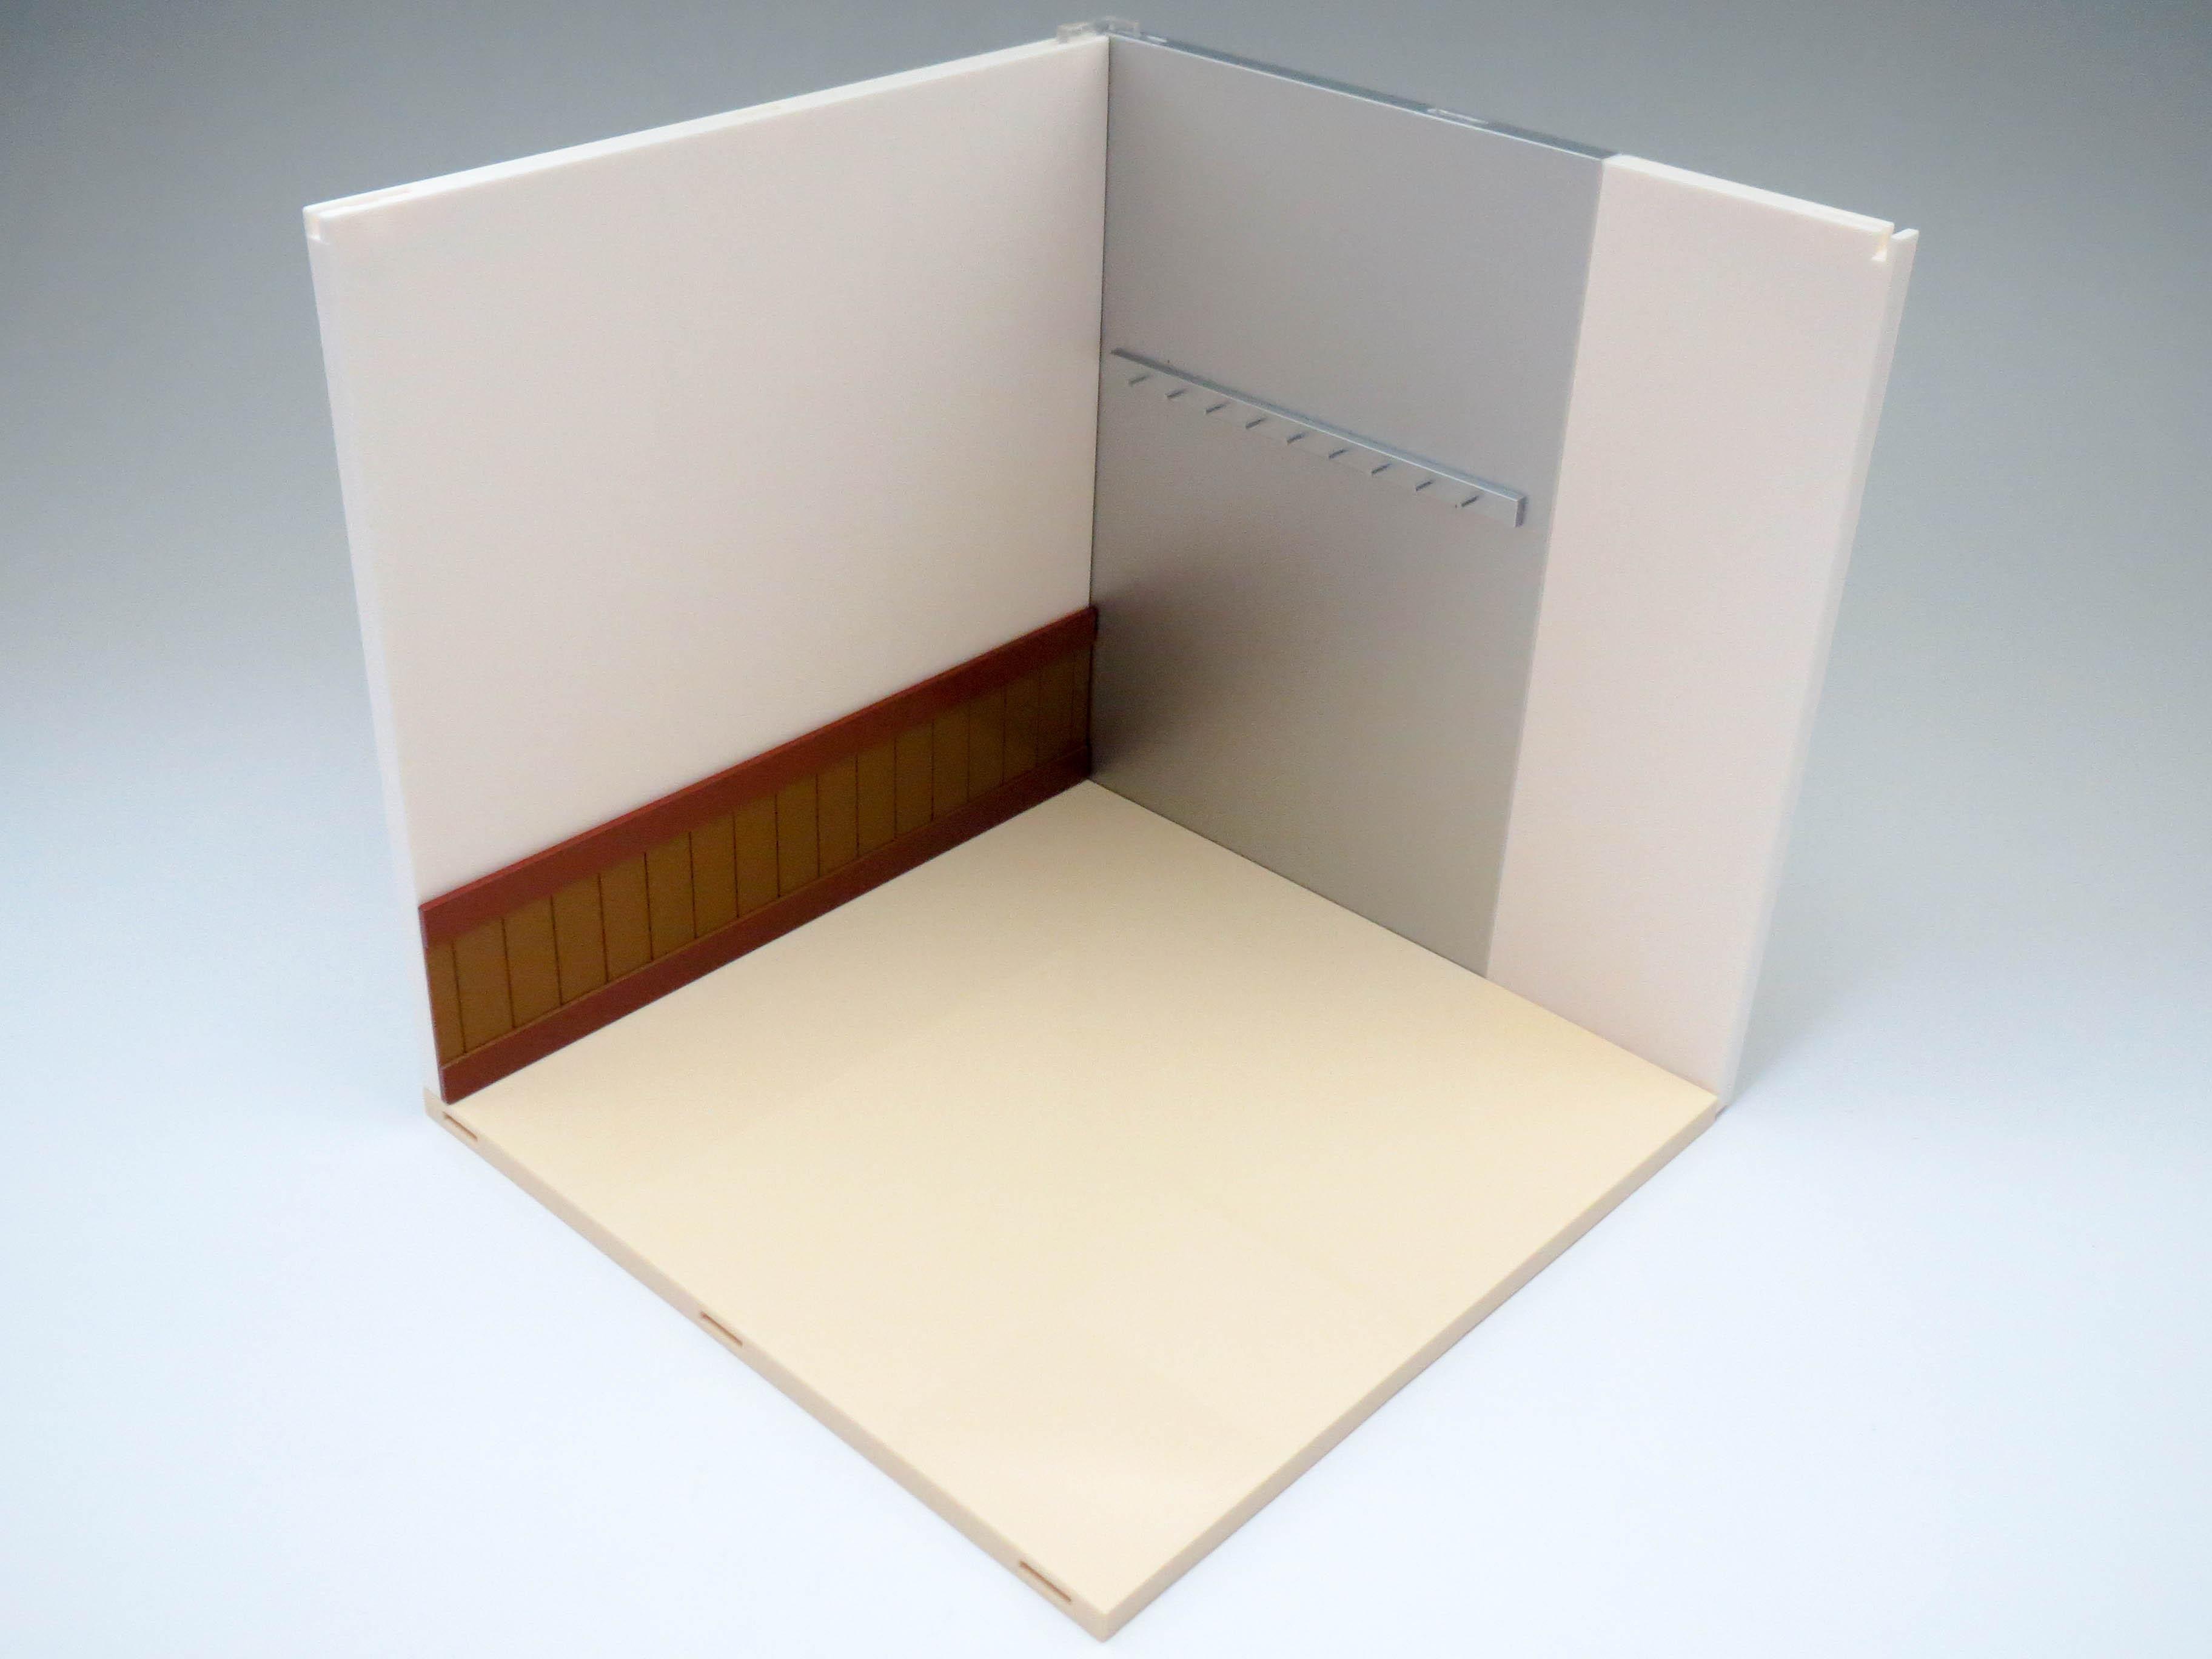 ねんどろいどプレイセット #05 ワグナリアB 厨房セット 壁と床